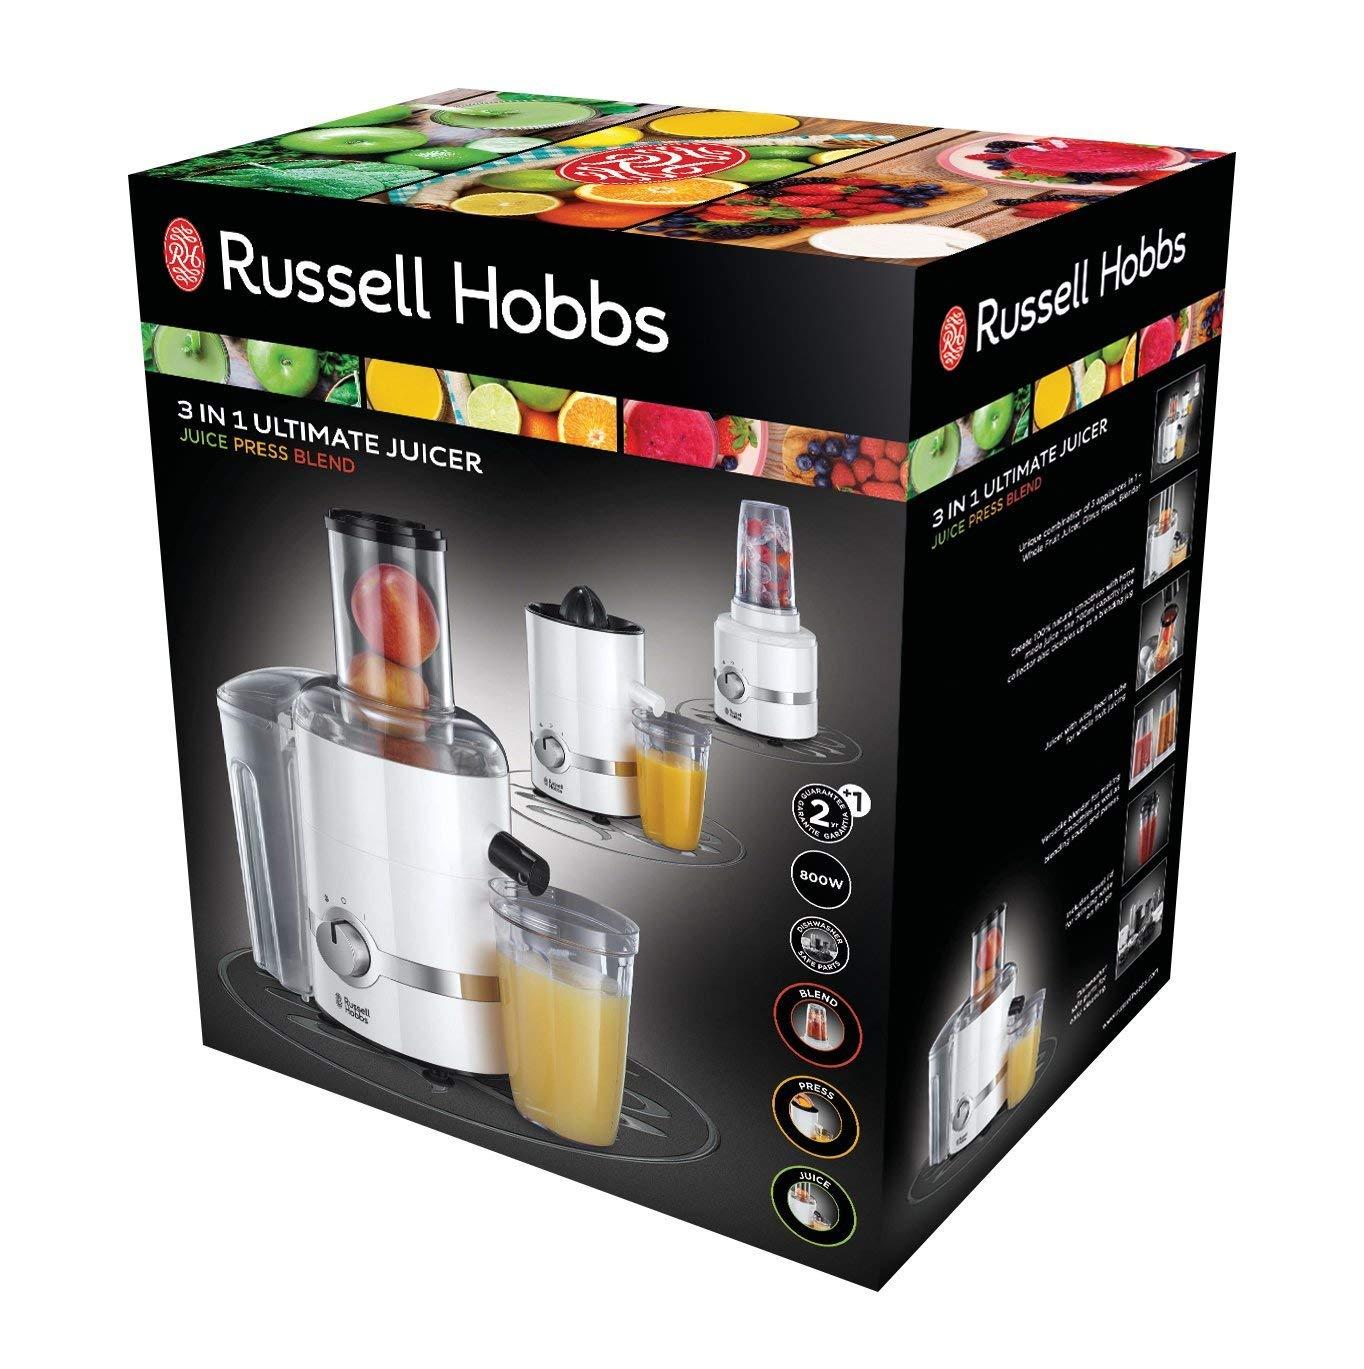 Russell Hobbs Ultimate 3 en 1 - Batidora, Licuadora y Exprimidor Eléctrico (800 W, Plástico, Blanco) - ref. 22700-56: Amazon.es: Hogar